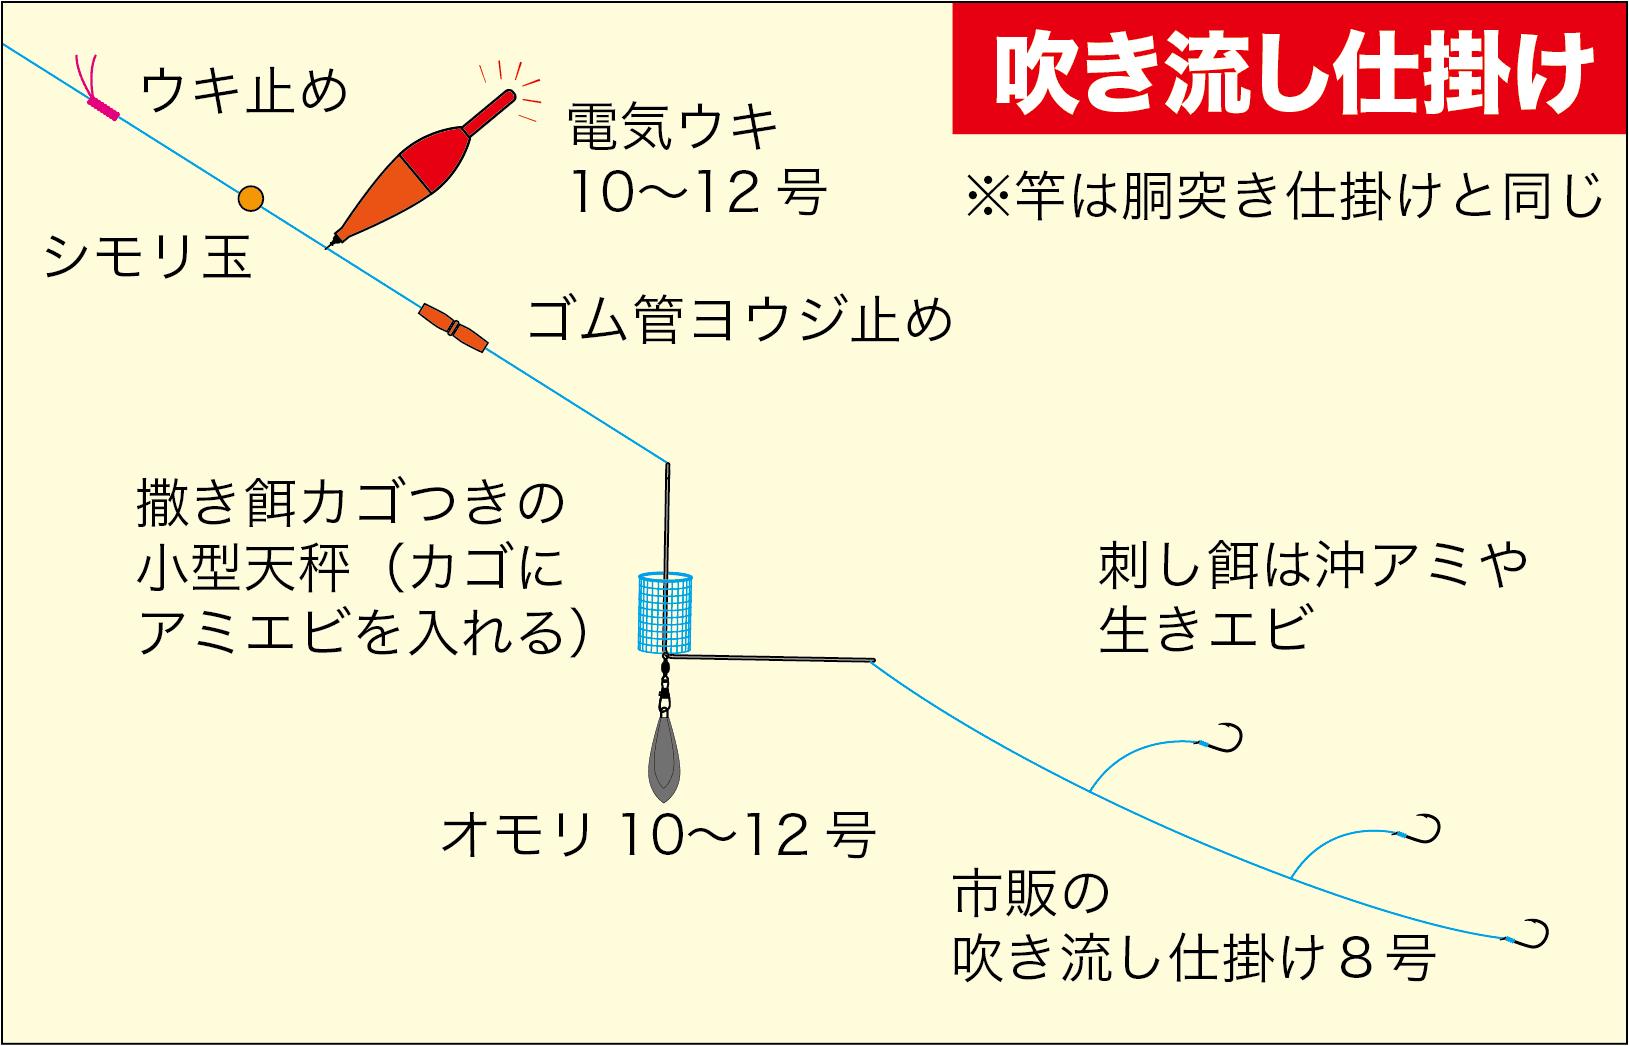 鞠山海遊パークアコウ13